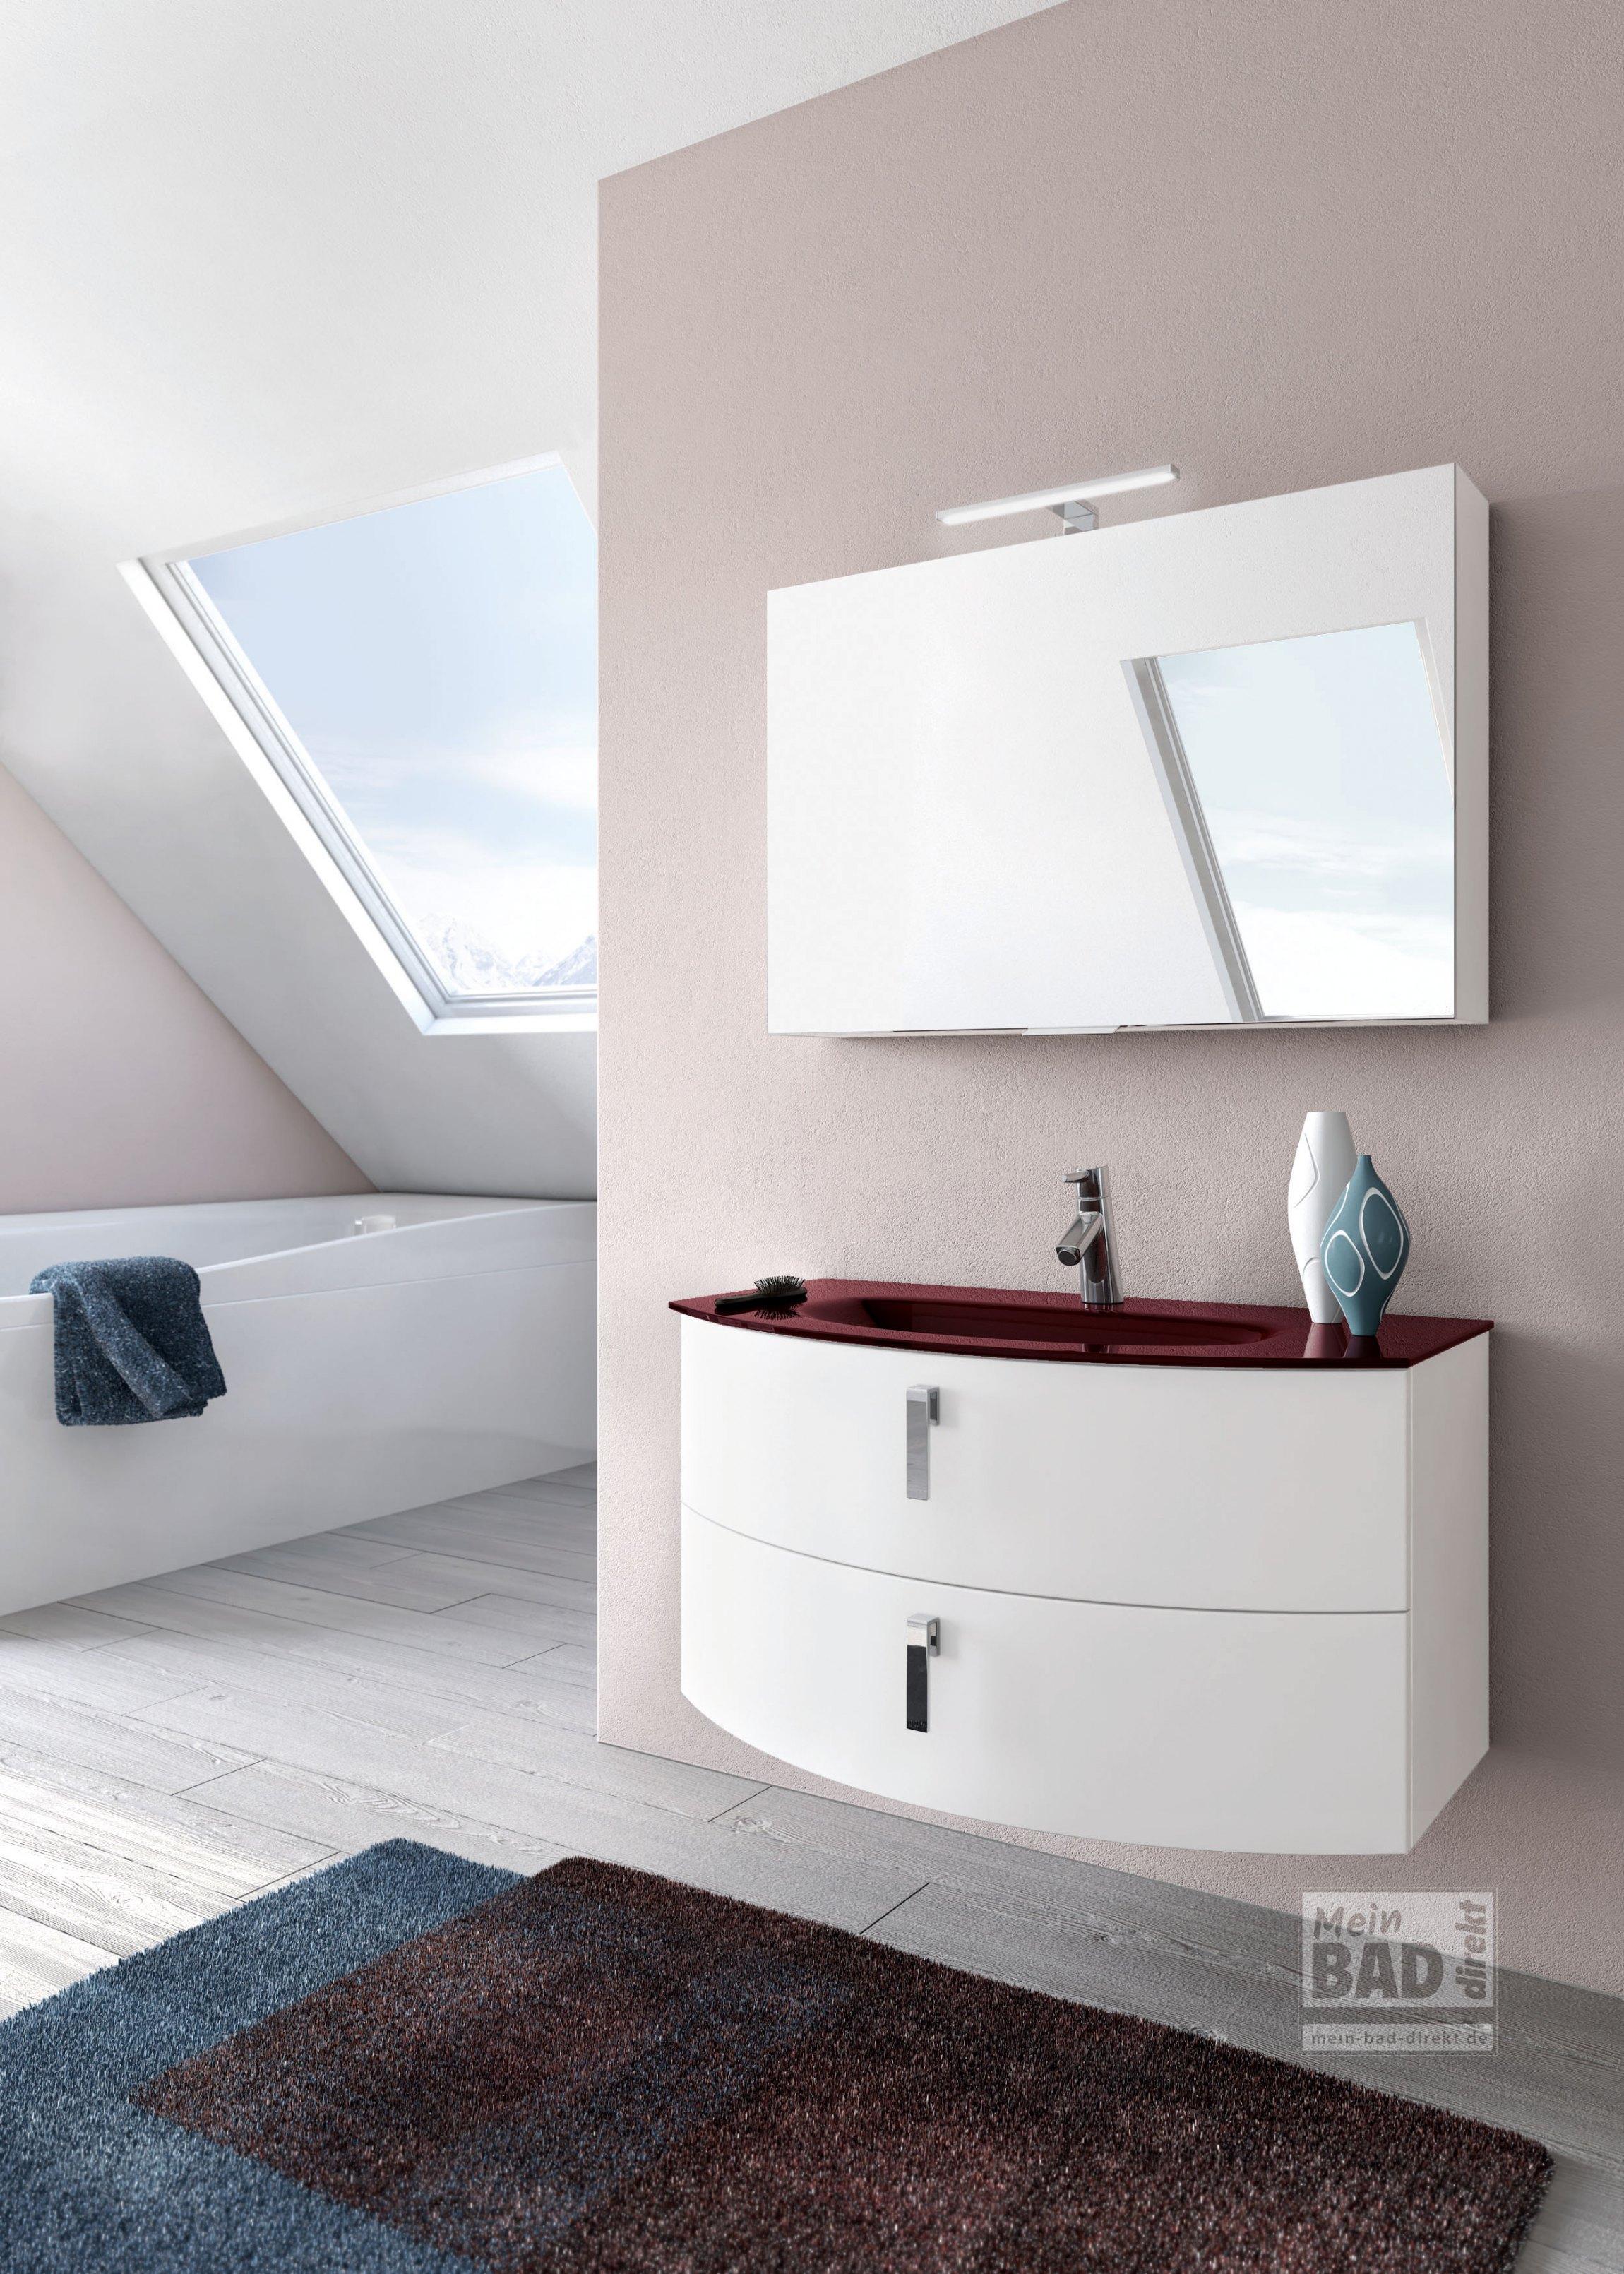 E-8 Modernes Badmöbel rund mit Glas-Waschtisch | Mein-Bad-Direkt